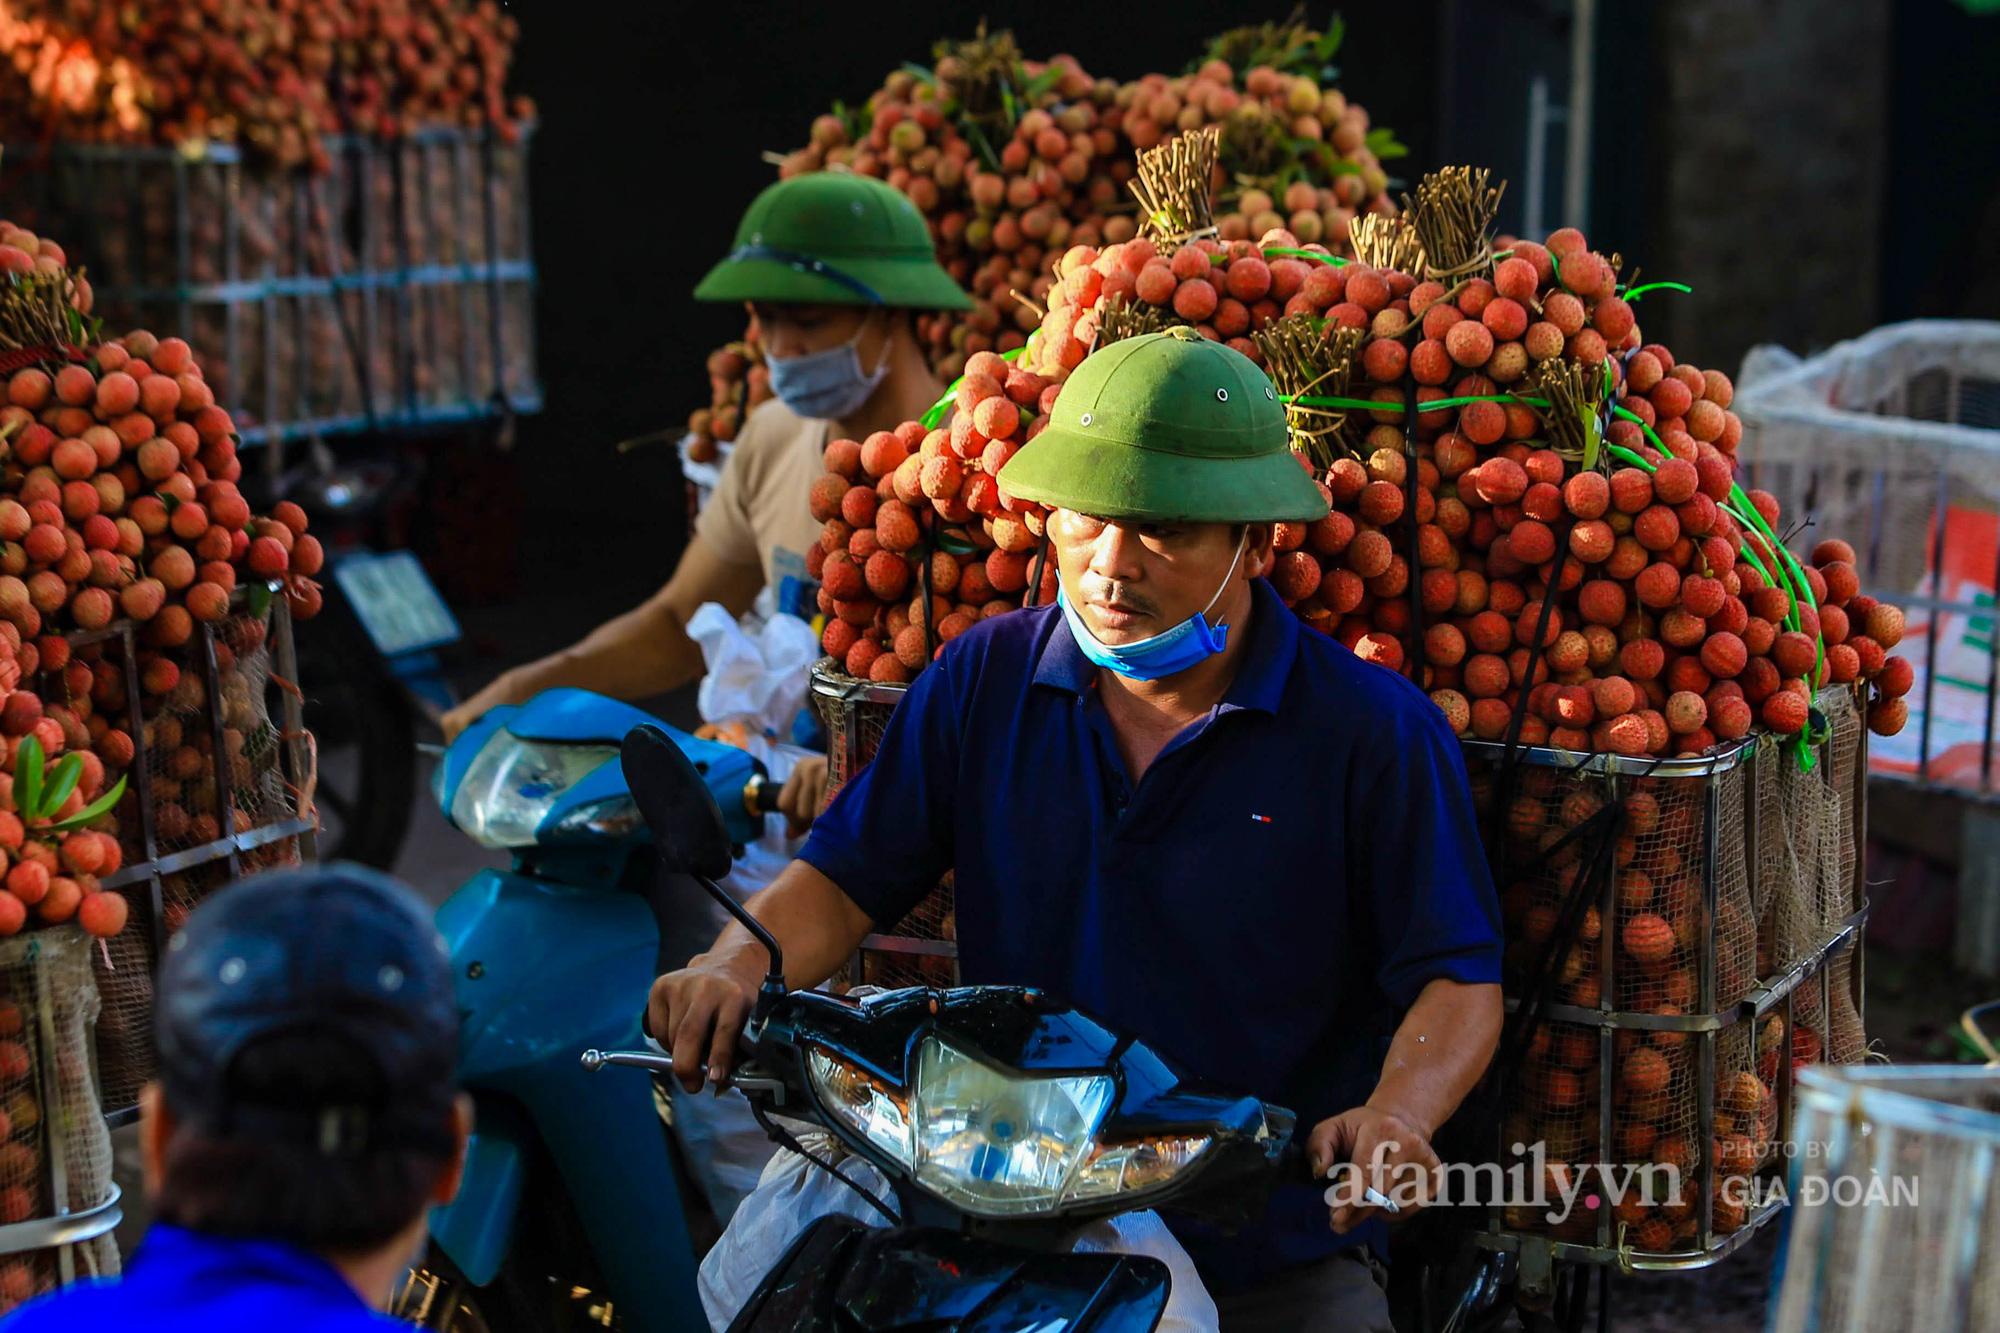 Chợ vải Bắc Giang nhộn nhịp vào mùa - Ảnh 7.